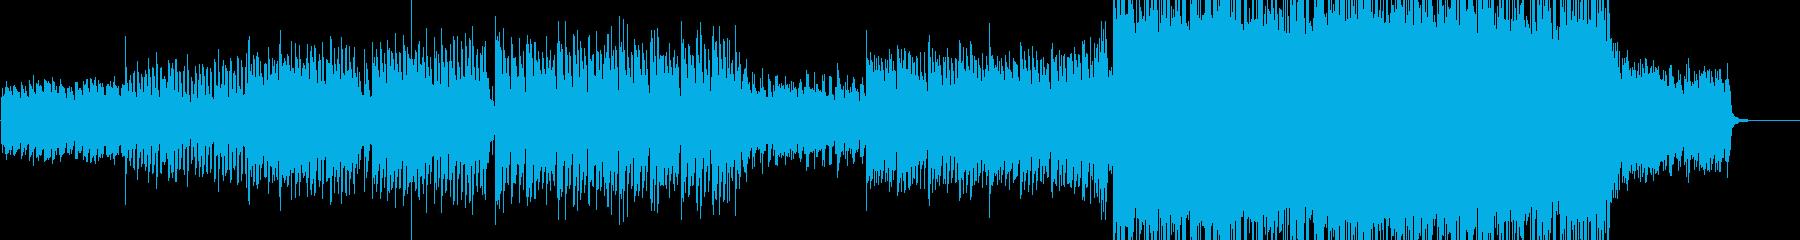 サビでひらける爽やかなピアノロックの再生済みの波形